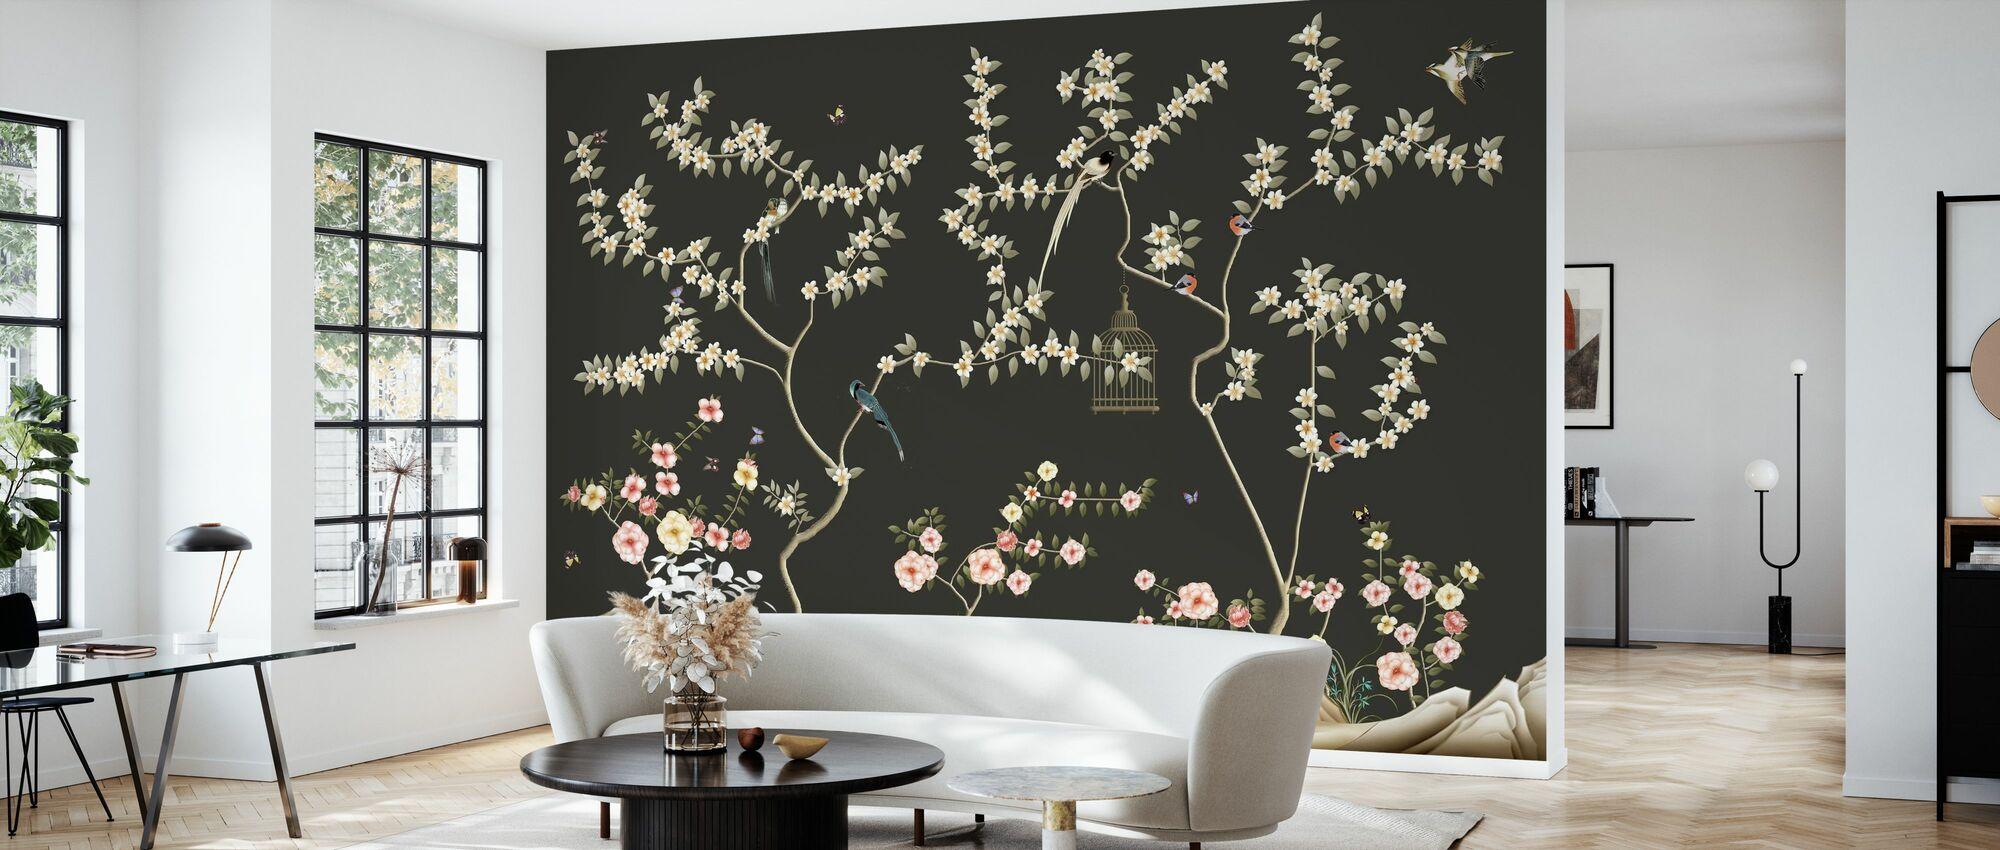 Birds Shangri-La - Dark - Wallpaper - Living Room